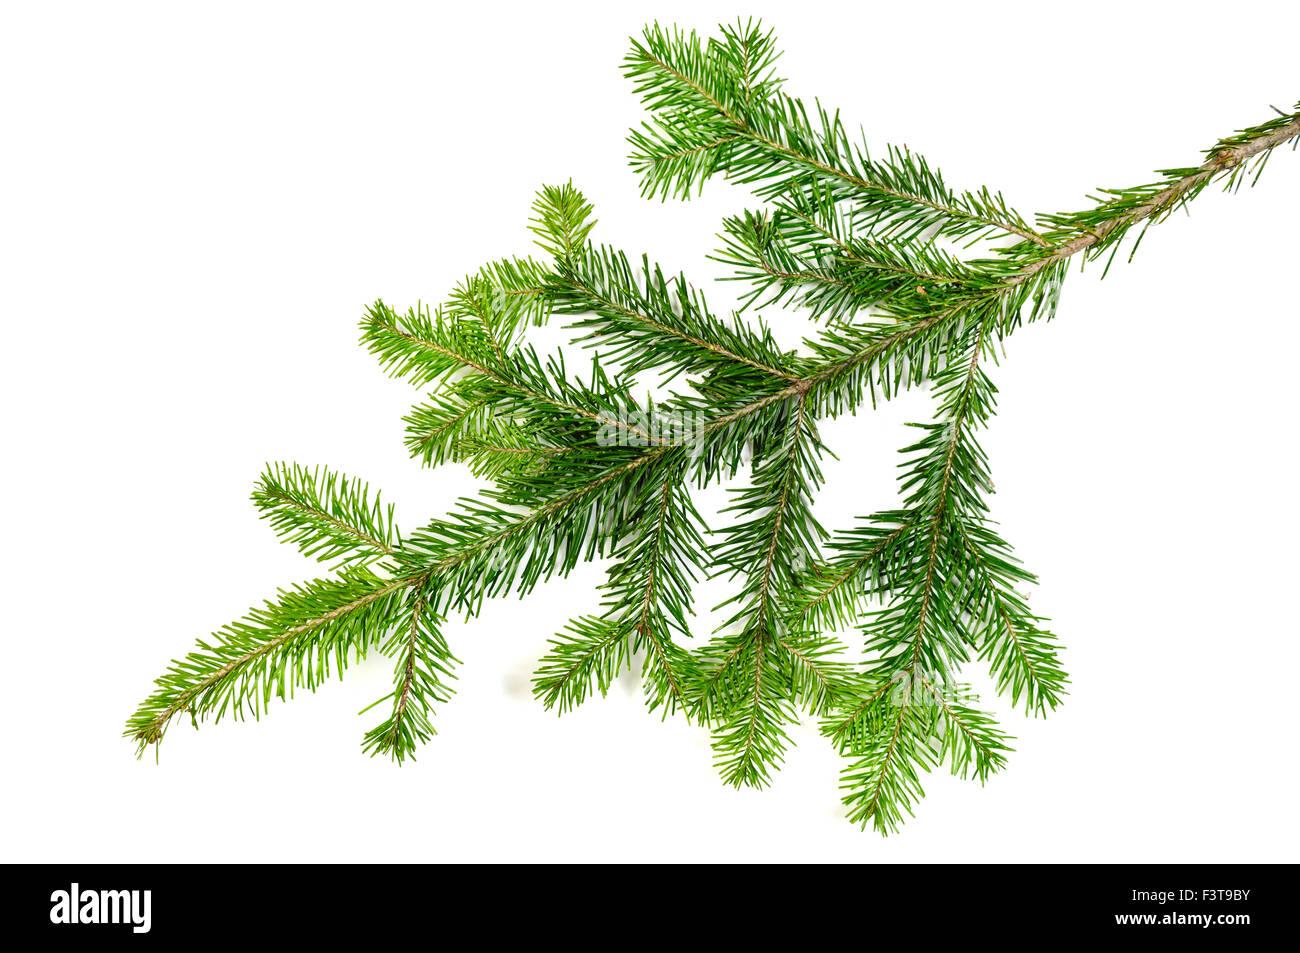 Weihnachten immergrüne Baum Tannenzweig über weiß Stockbild